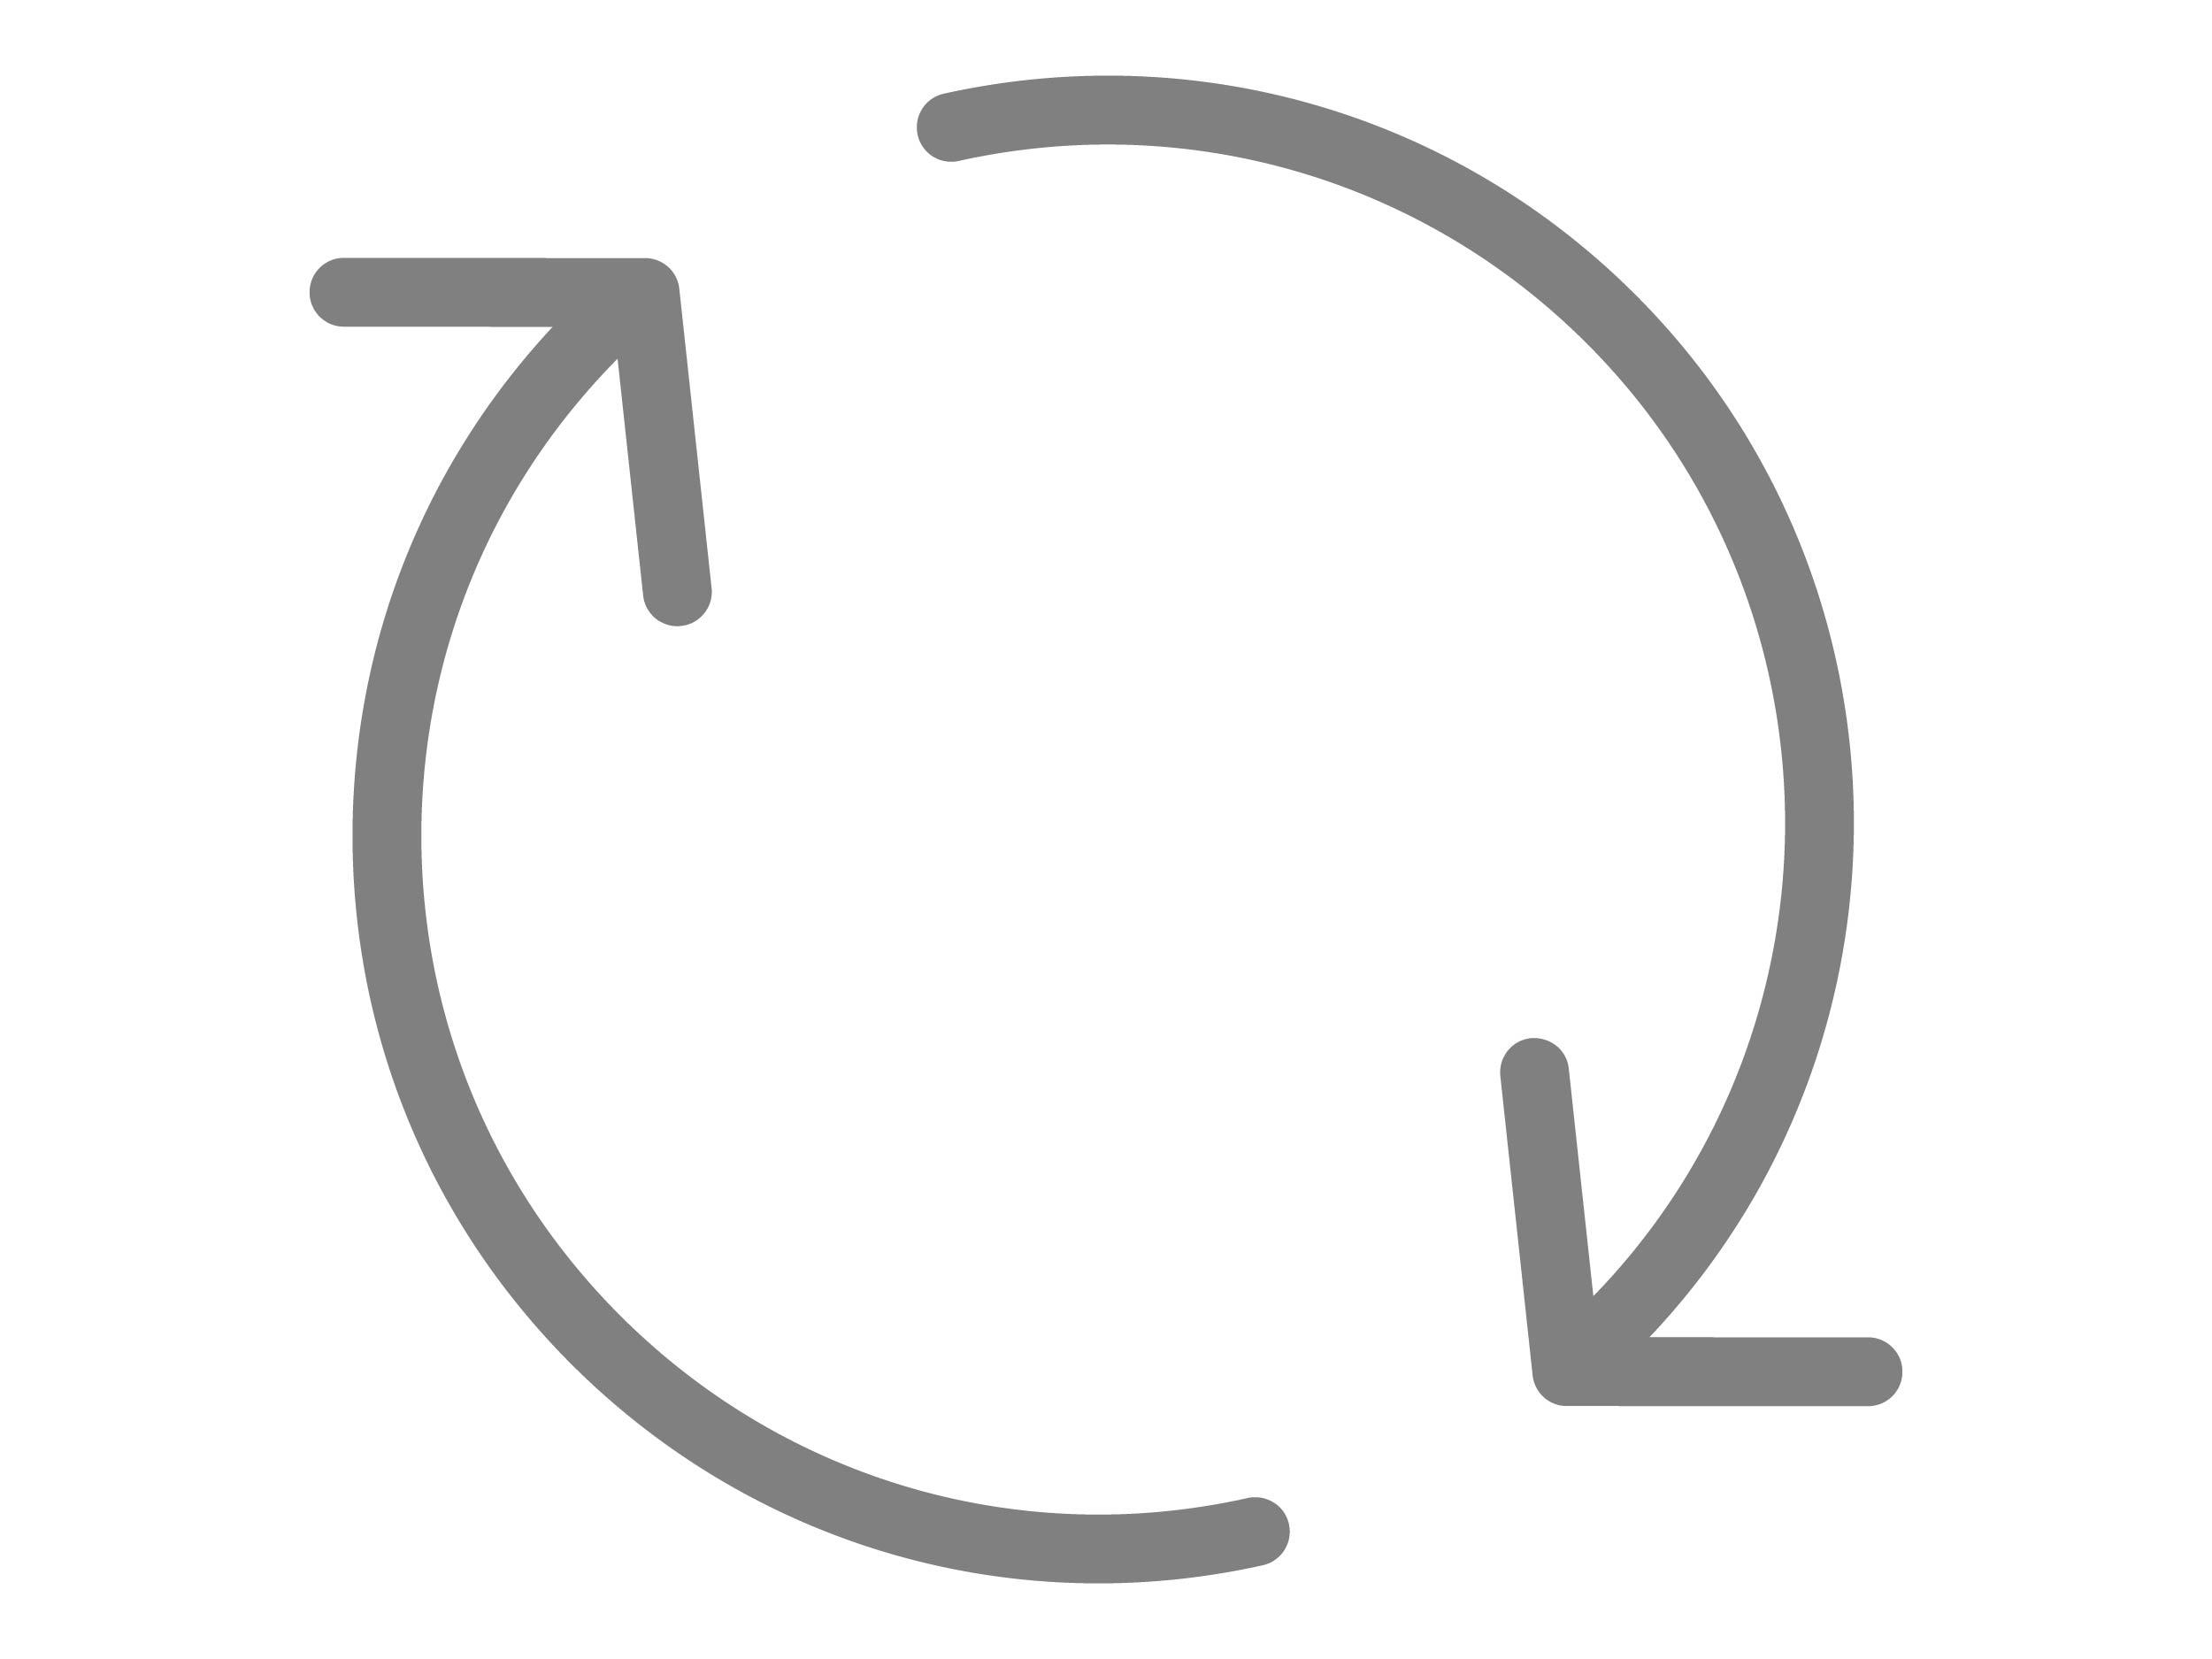 full_integration_icon.jpg